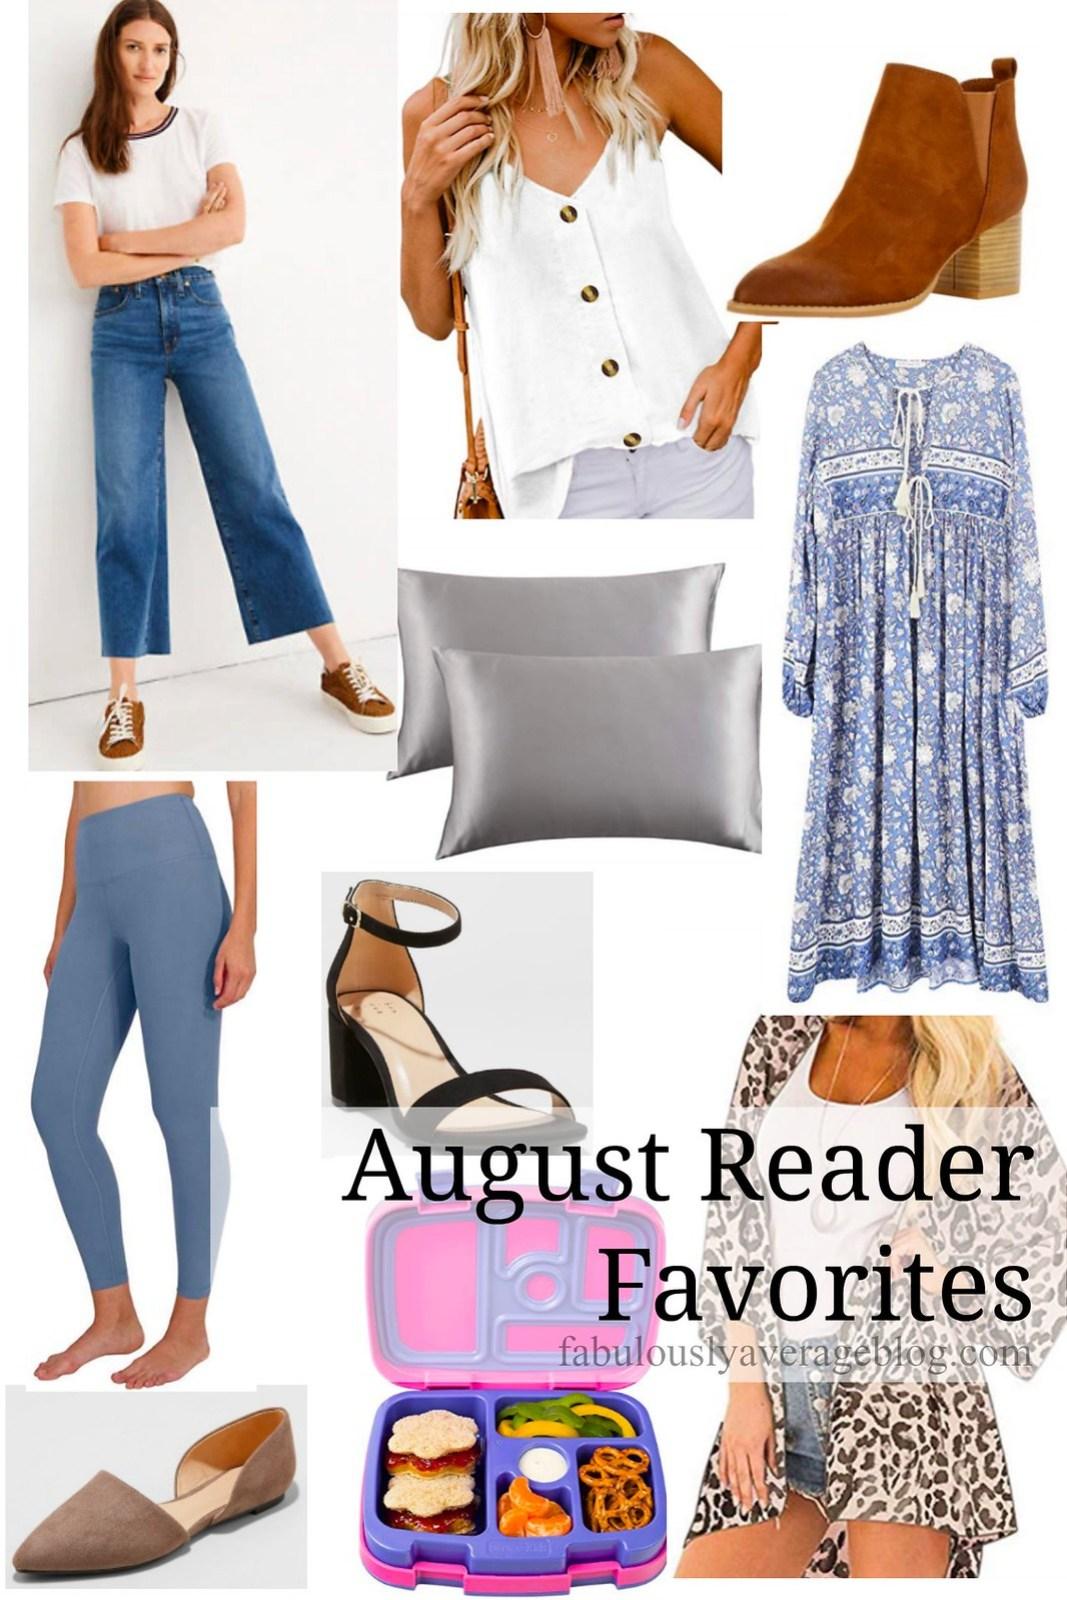 august top sellers (2)